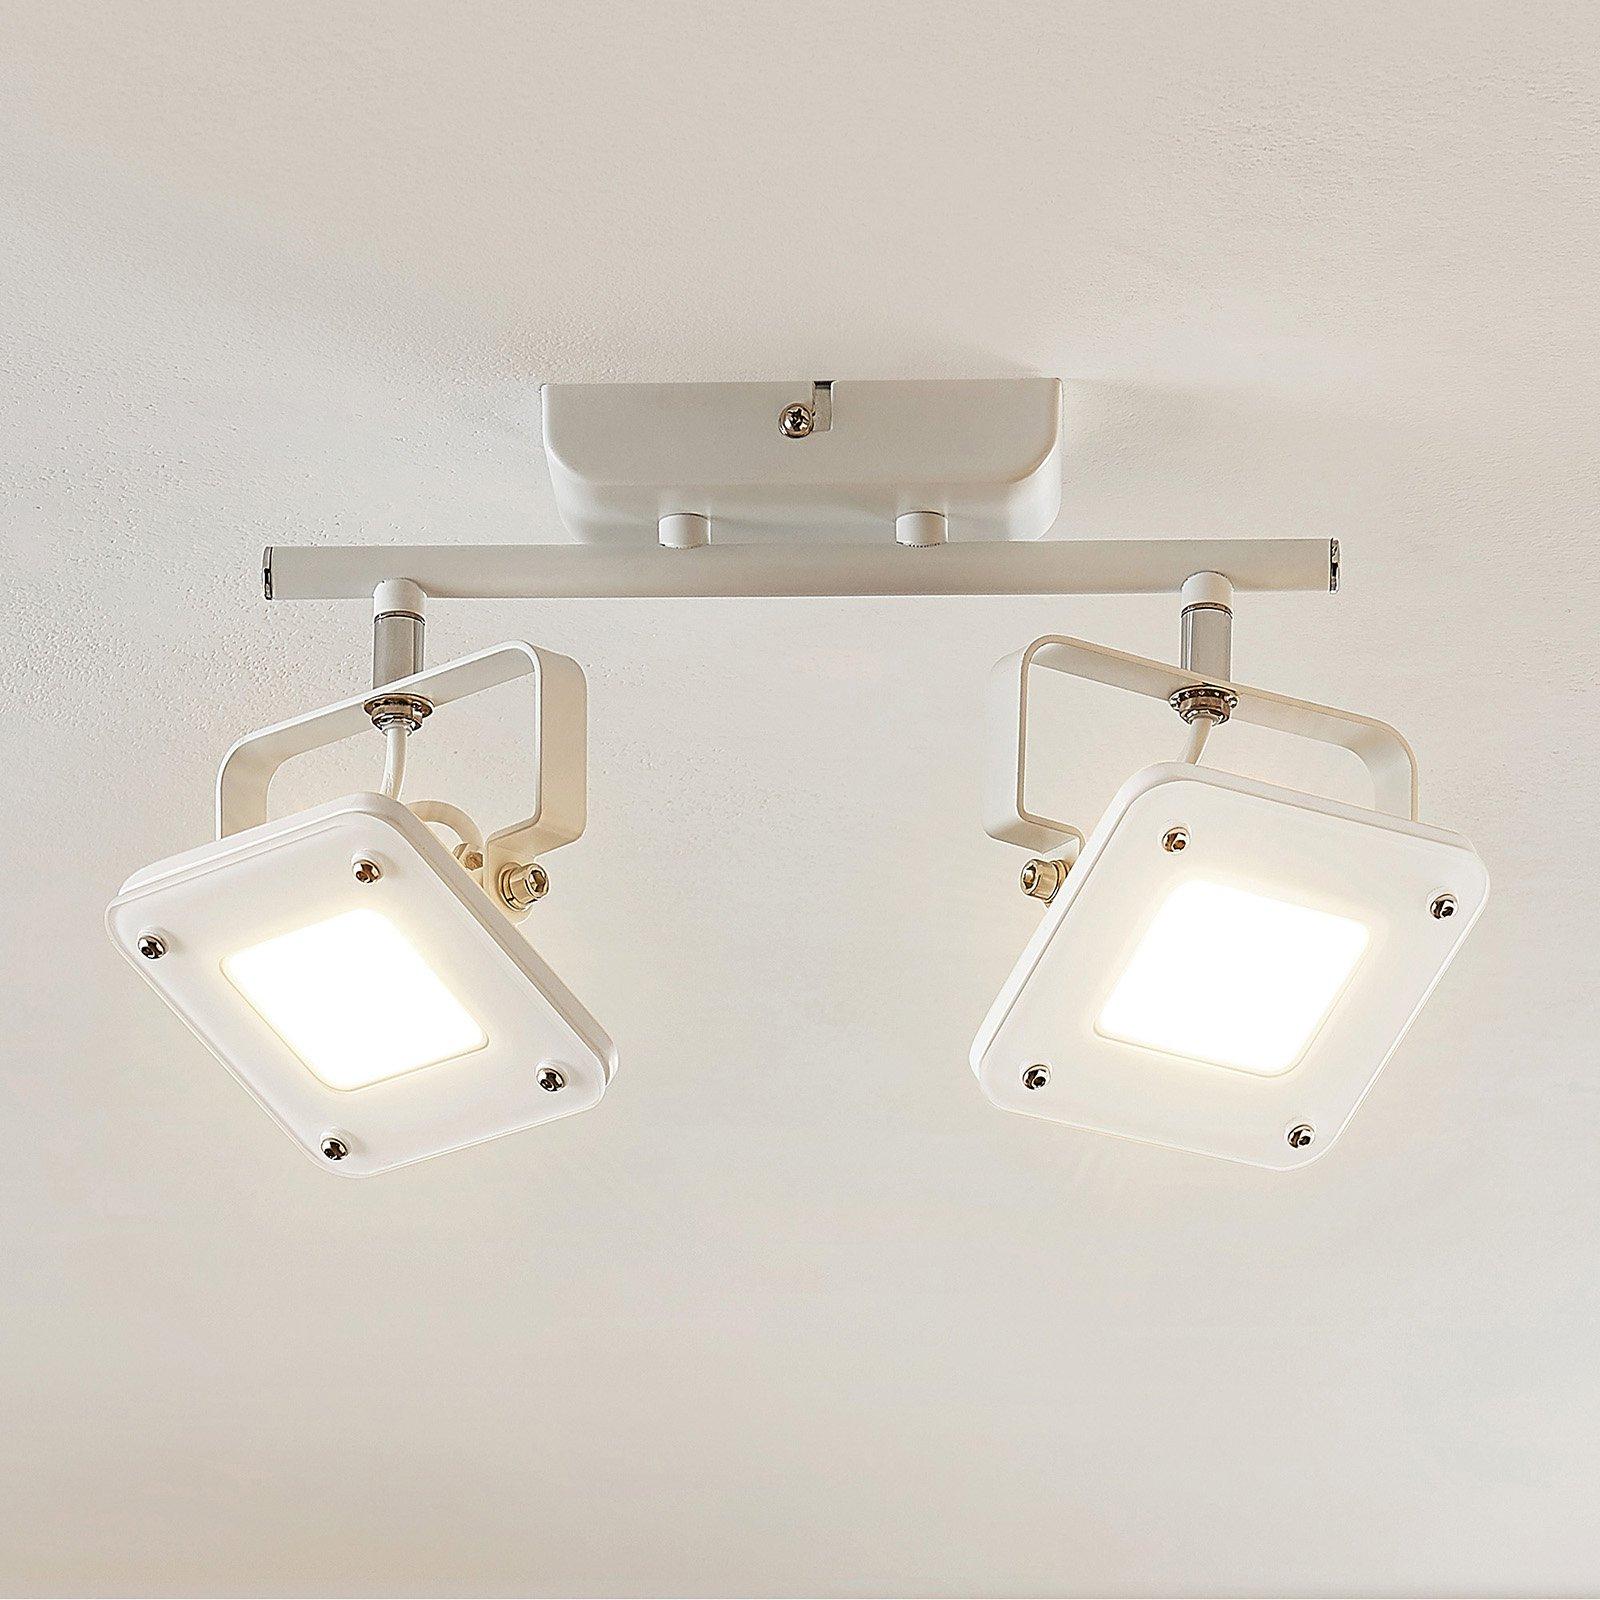 LED-takspot Juliana, dimbar, 2 lyskilder